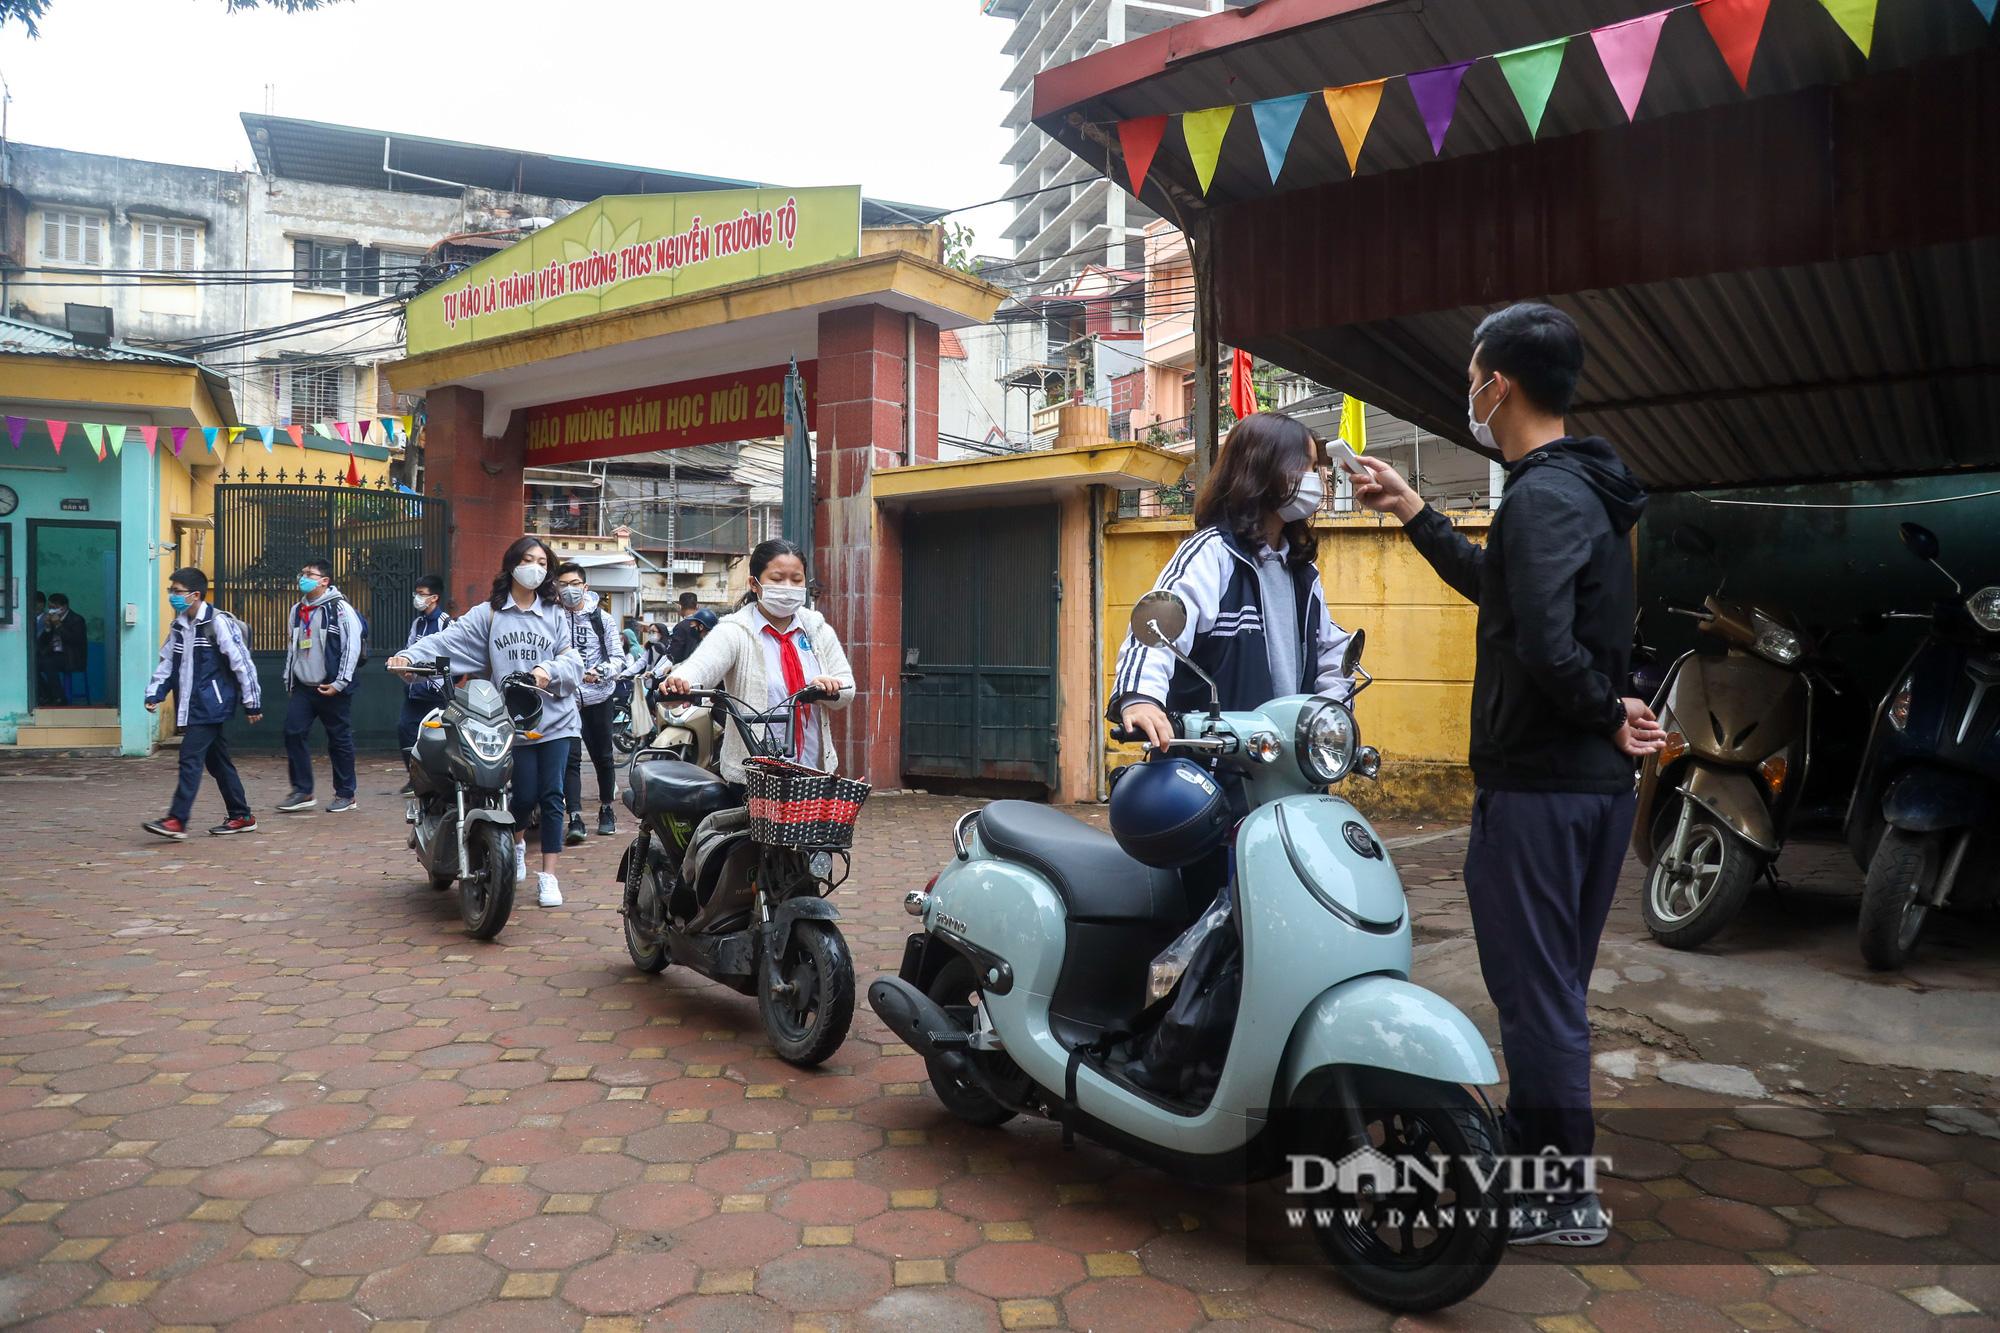 Đi học trở lại sau 30 ngày nghỉ Tết, học sinh Hà Nội được nhận lì xì - Ảnh 4.